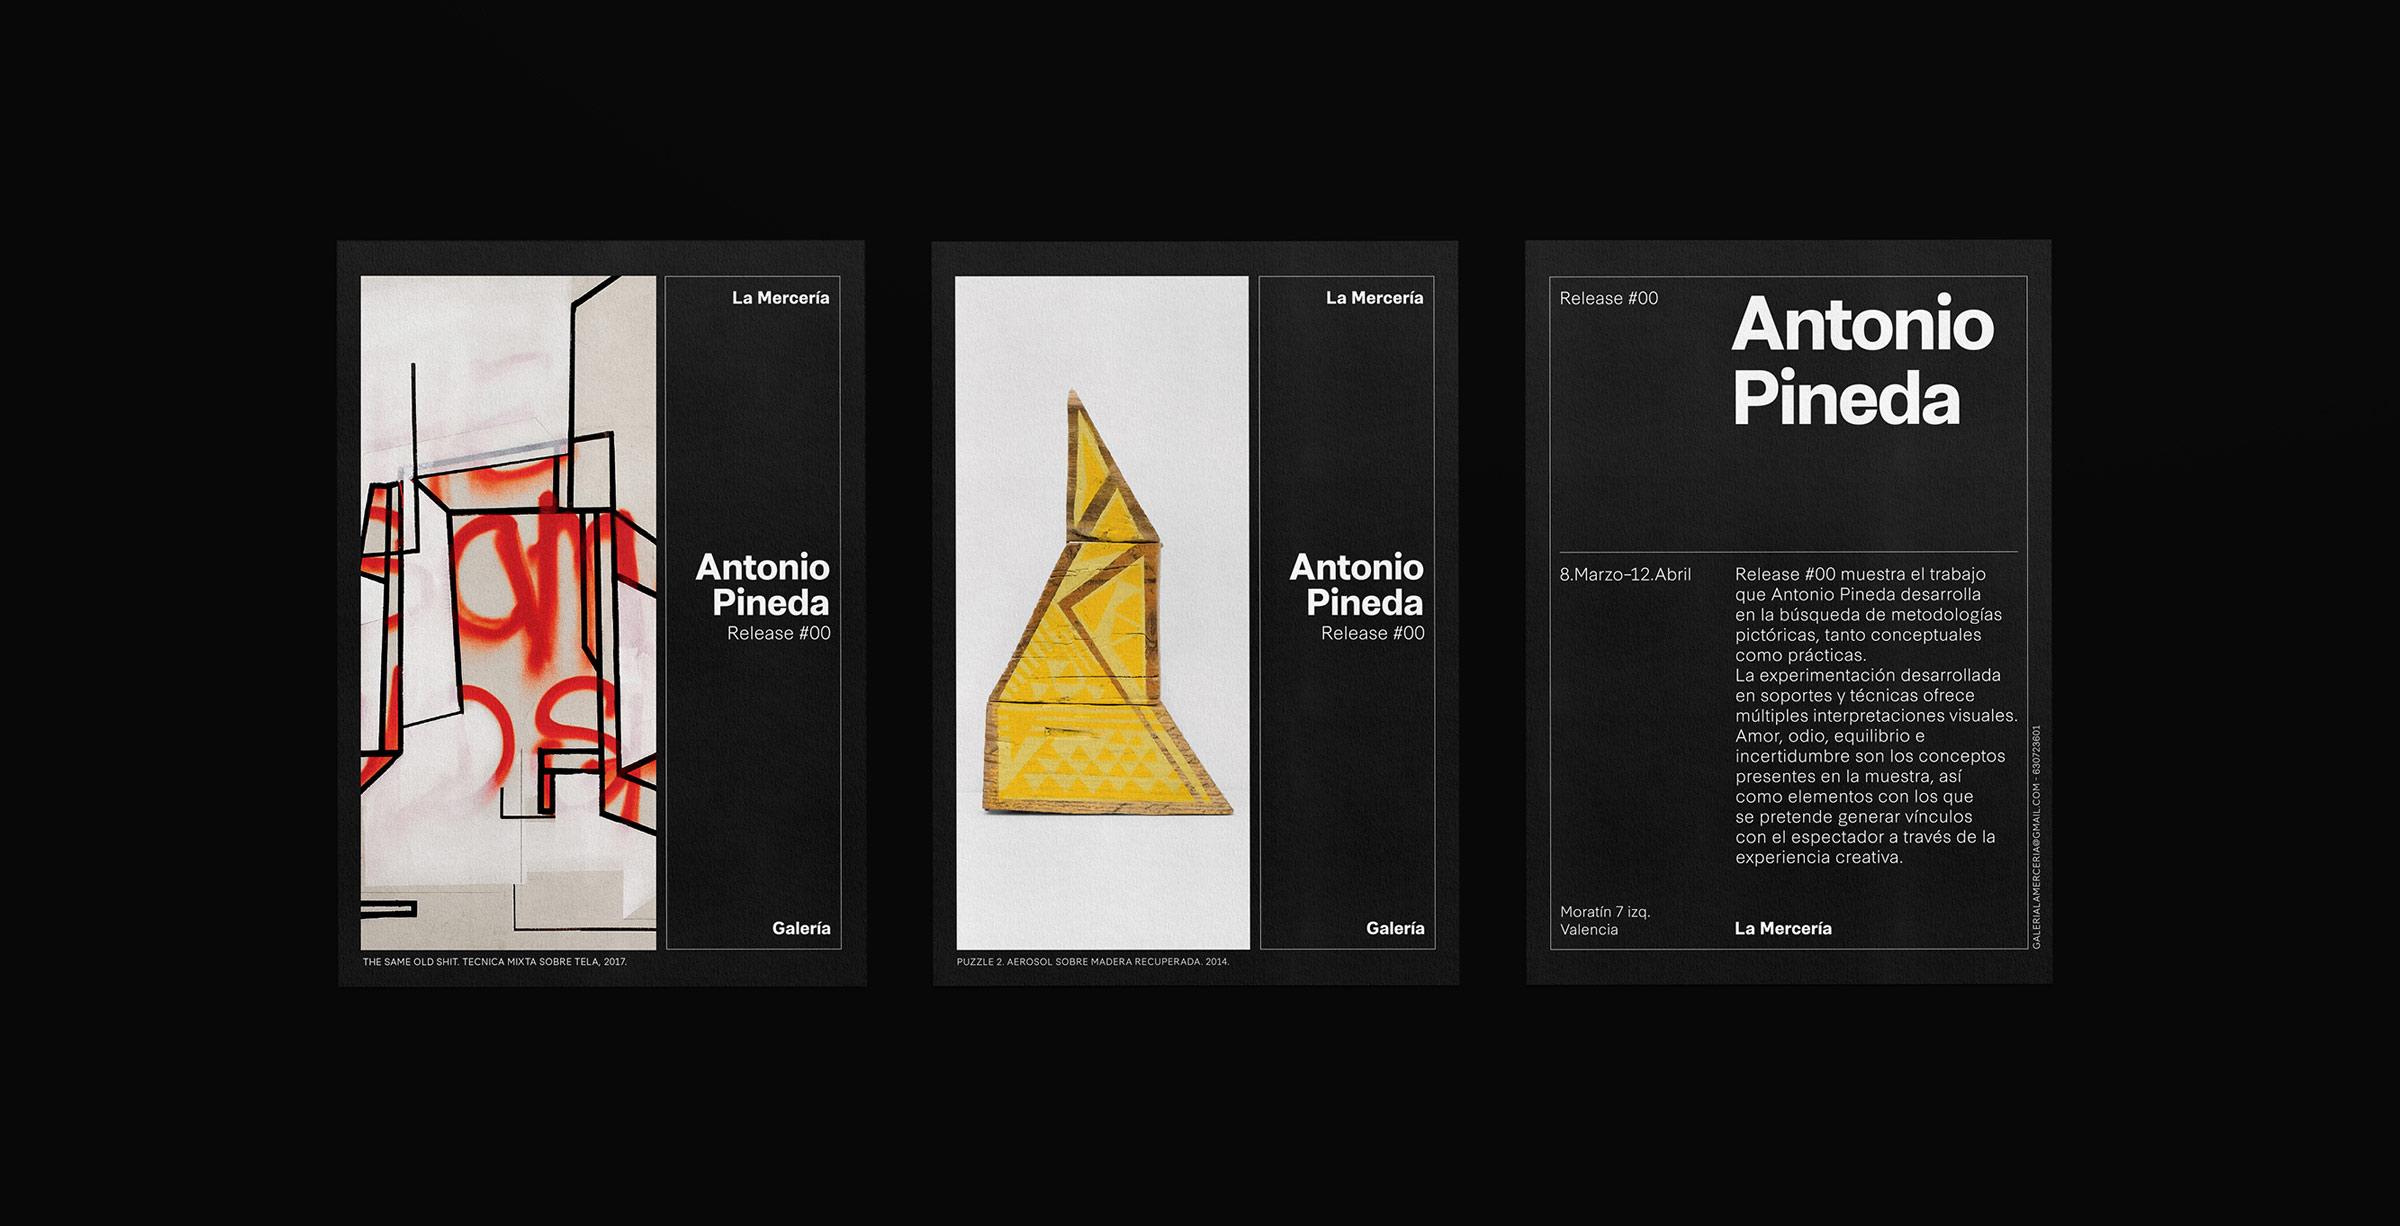 Fase, estudio de diseño gráfico. Identidad corporativa La Mercería, galería de arte. Postales Antonio Pineda.